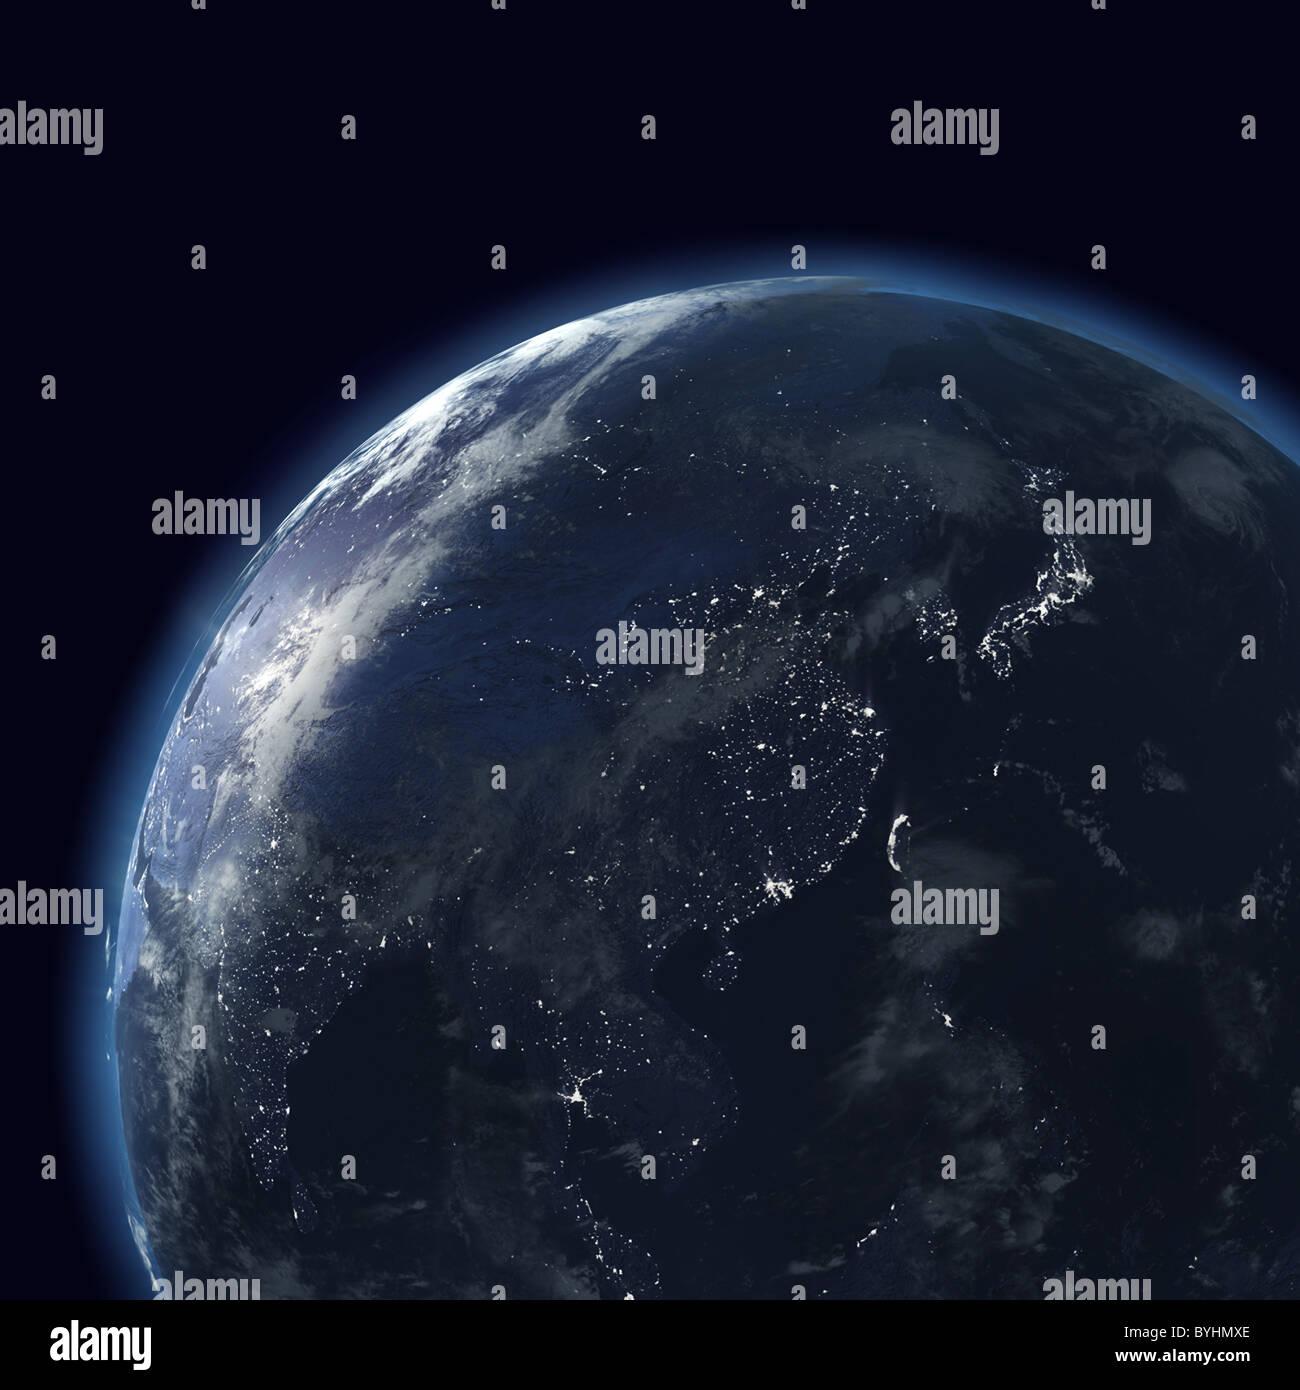 Globo di notte con le luci della città, mappa dettagliata dell'Asia orientale, Giappone, Cina, India, Indonesia Immagini Stock